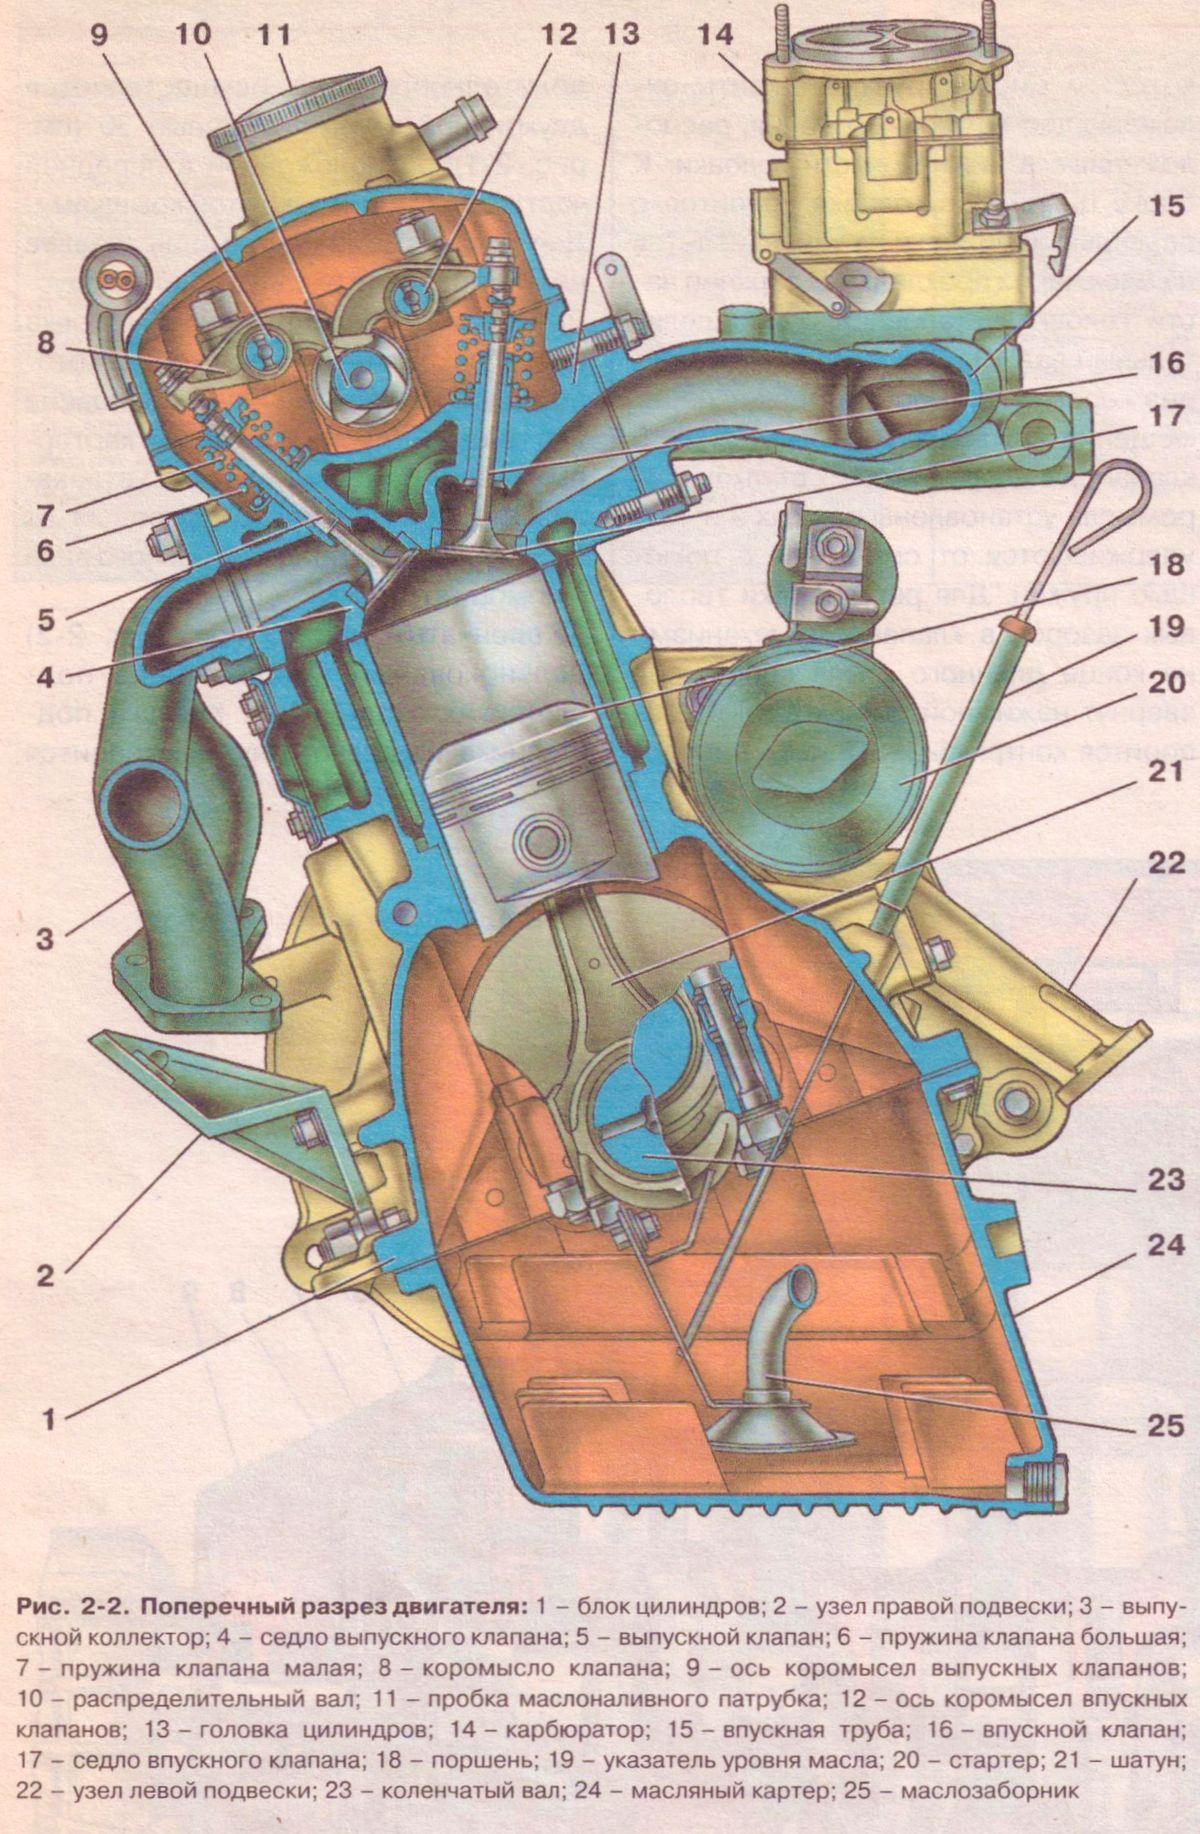 Поперечный разрез двигателя ИЖ 2126 Орбита (Ода ) - двигатель 1,7.